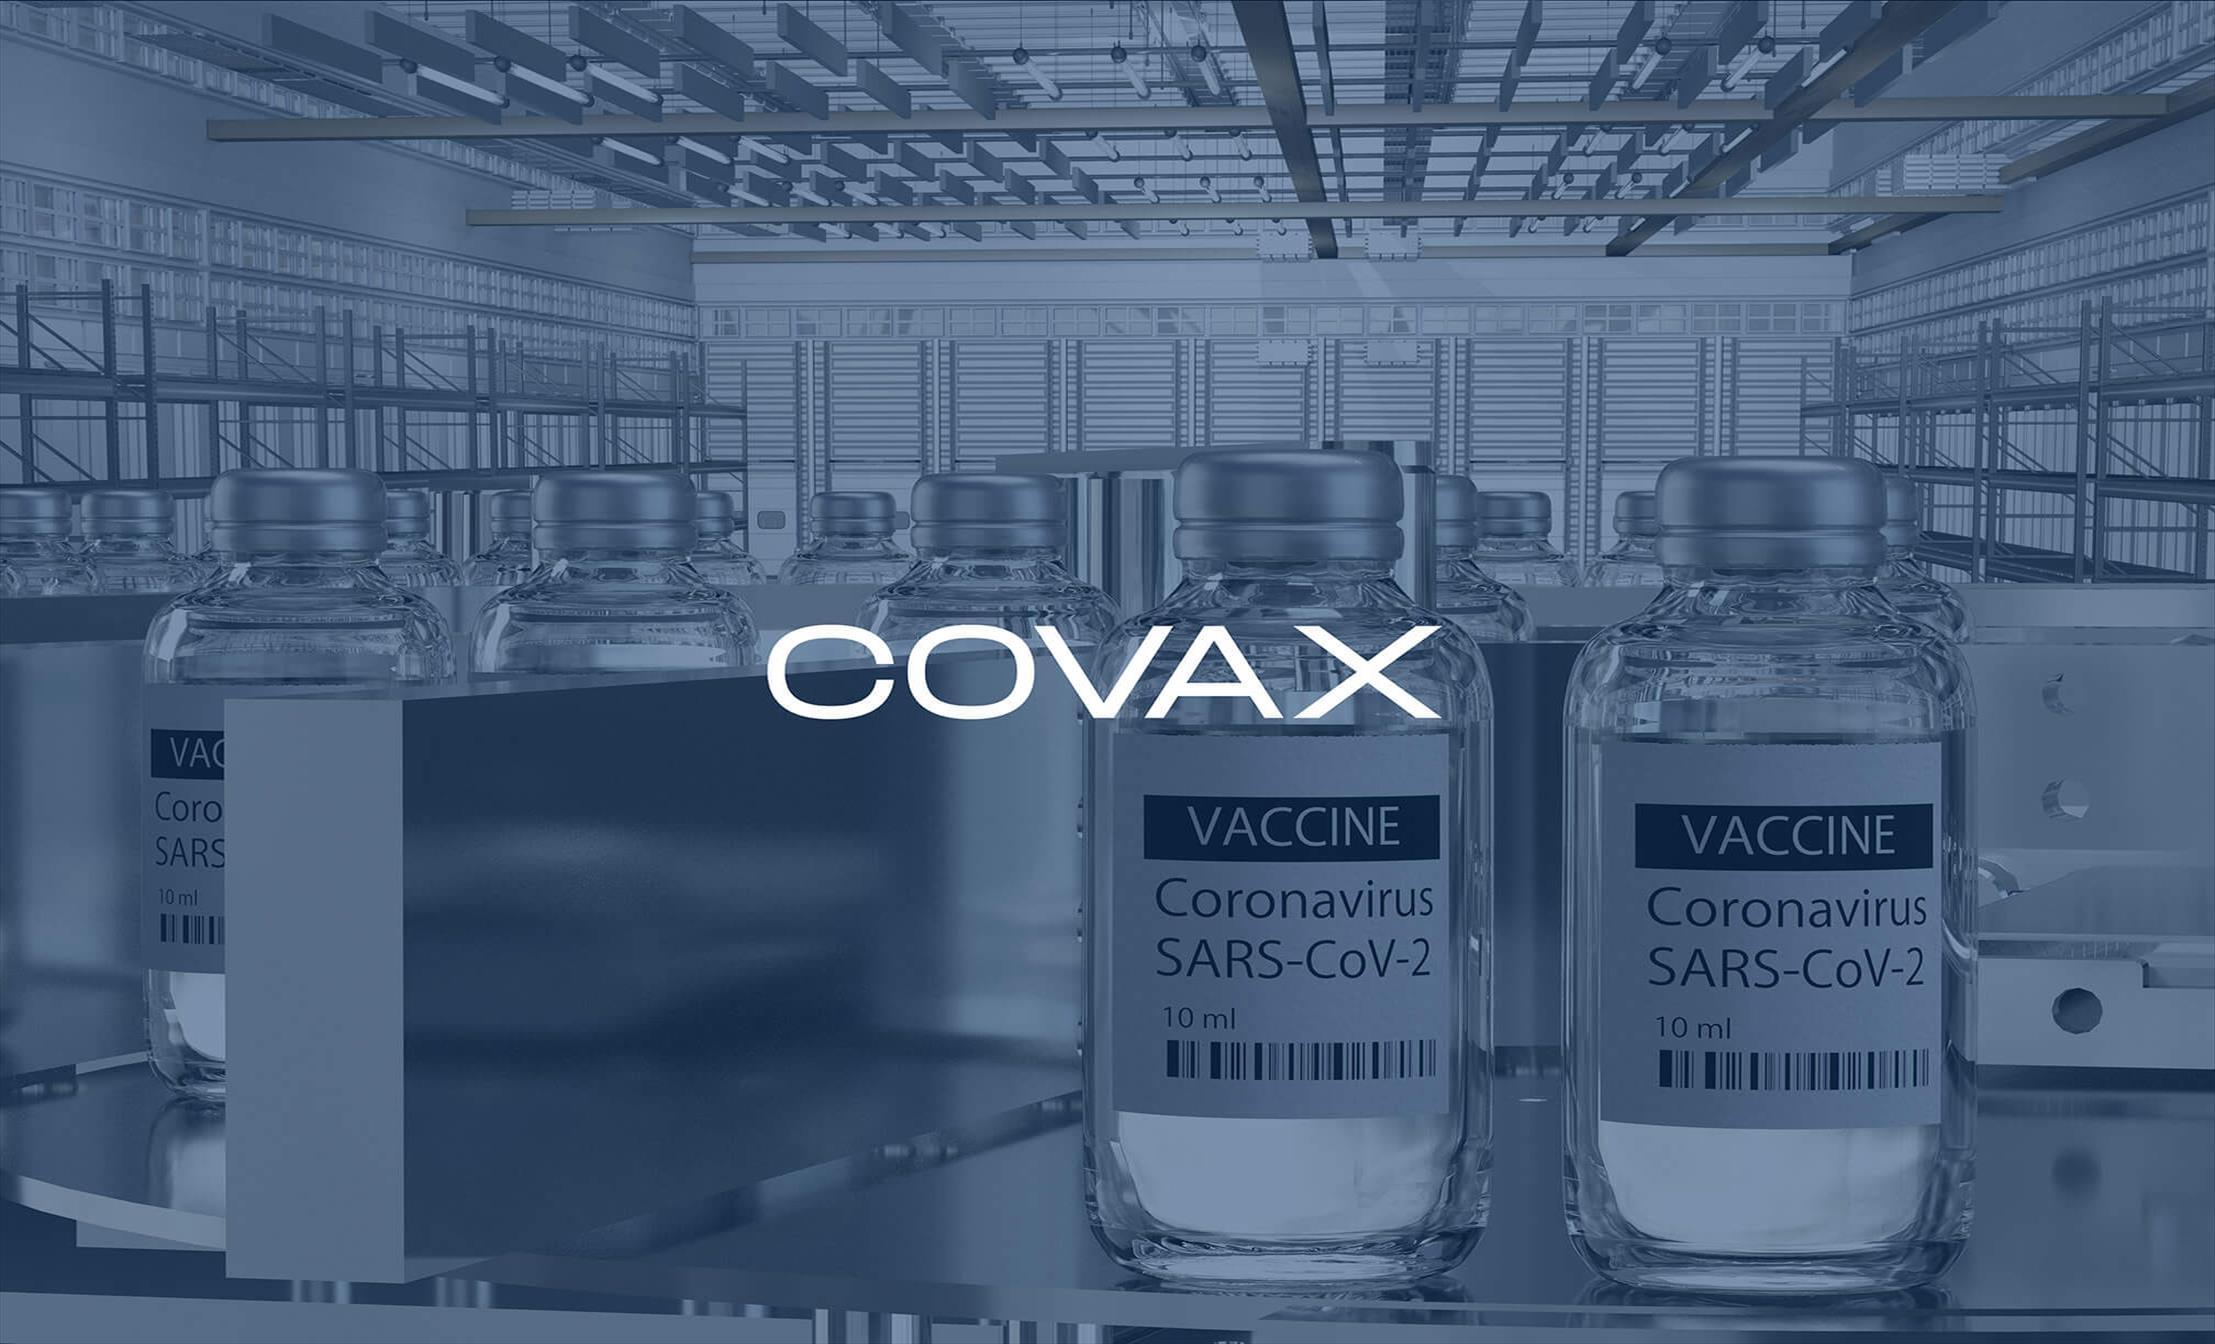 Слика од Ковакс со план за испорака на третина од милијарда вакцини против Ковид-19 до средина на годинава